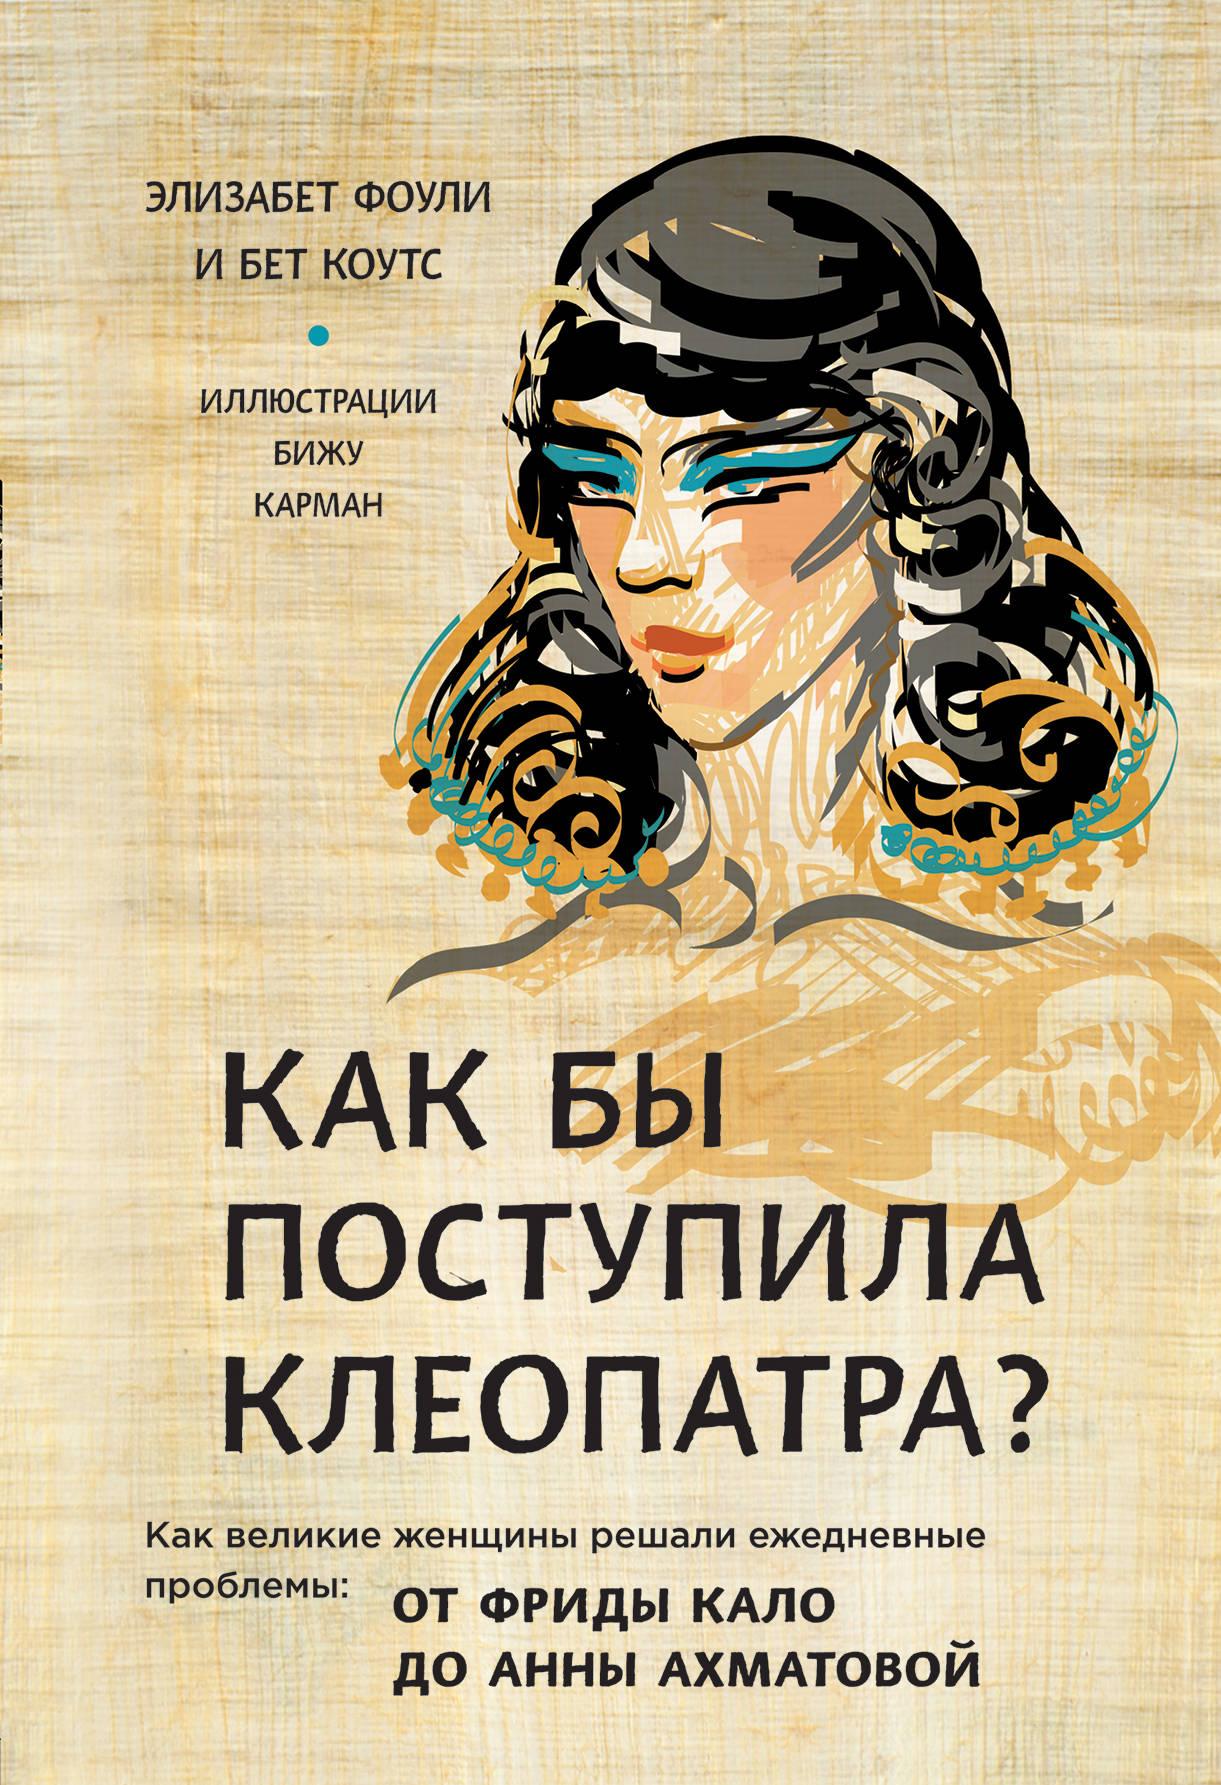 Элизабет Фоули, Бет Коутс Как бы поступила Клеопатра? Как великие женщины решали ежедневные проблемы. От Фриды Кало до Анны Ахматовой